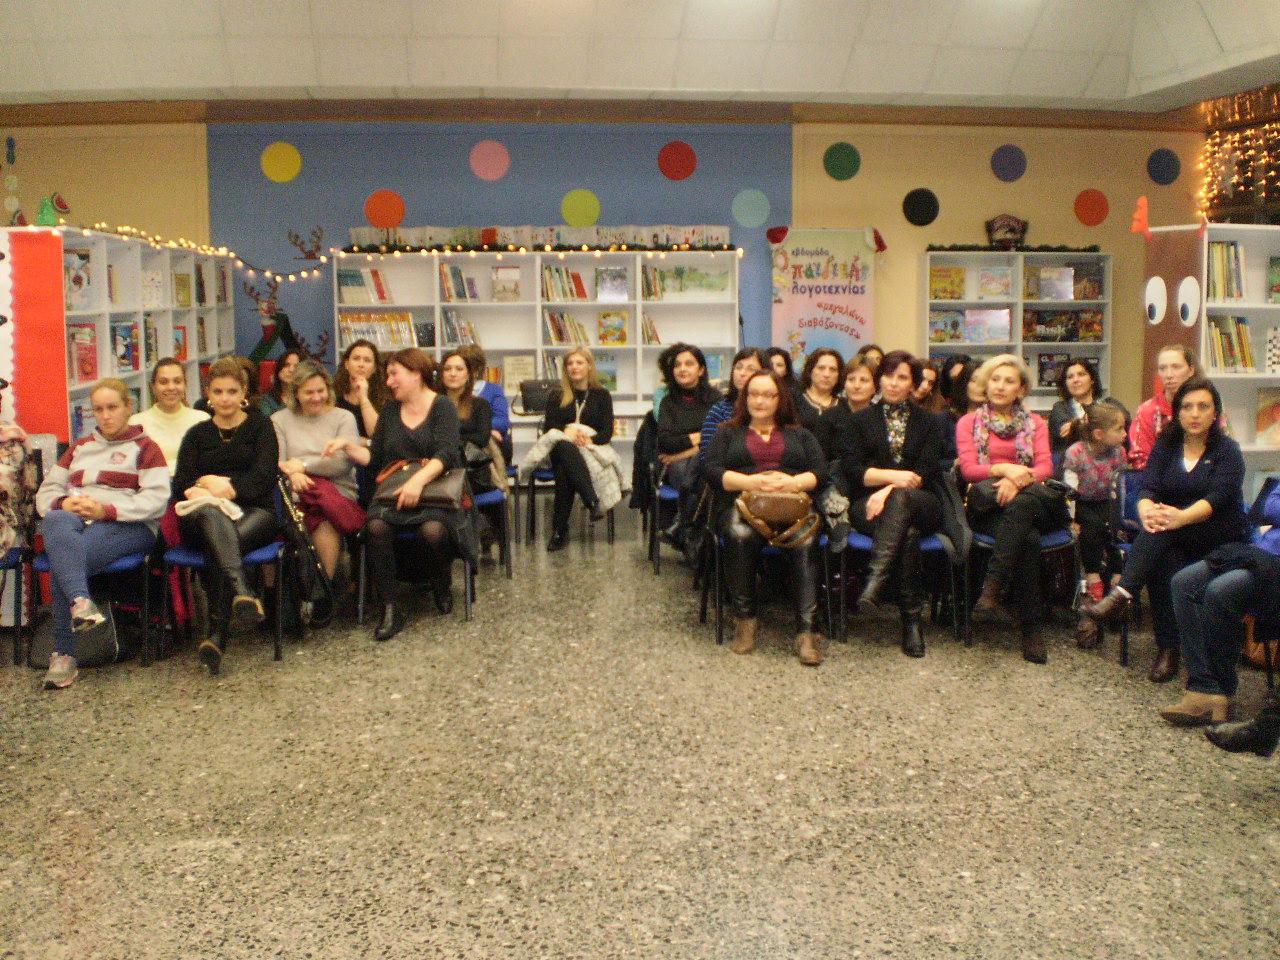 Βιωματικό εργαστήριο στη Δημοτική Βιβλιοθήκη Λάρισας στο πλαίσιο της επιμόρφωσης του προσωπικού της Αντιδημαρχίας Κοινωνικής Πολιτικής